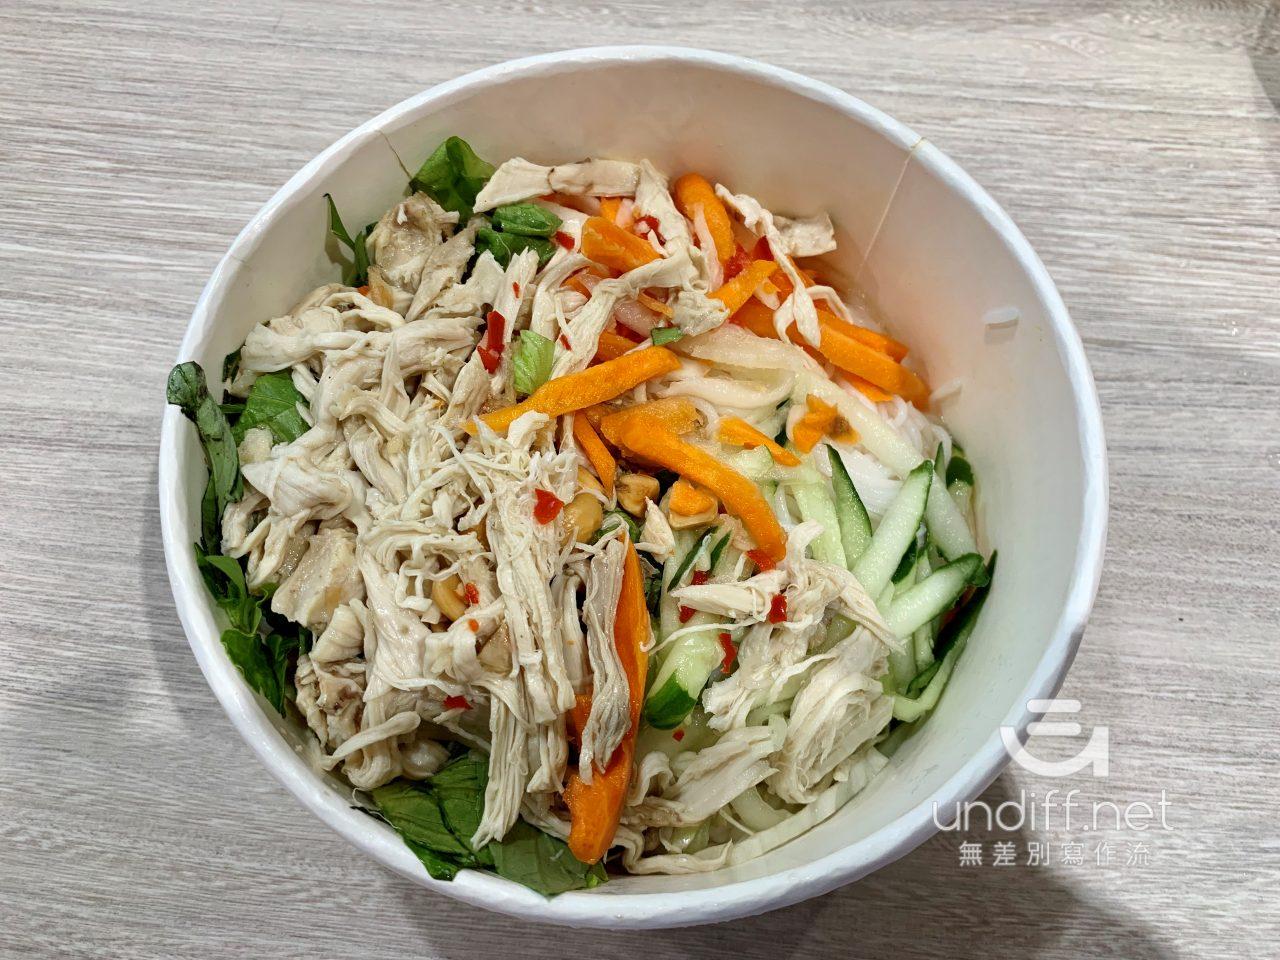 【內湖 訂便當日記】日嚐 Taste&Enjoy 南洋風味料理 40